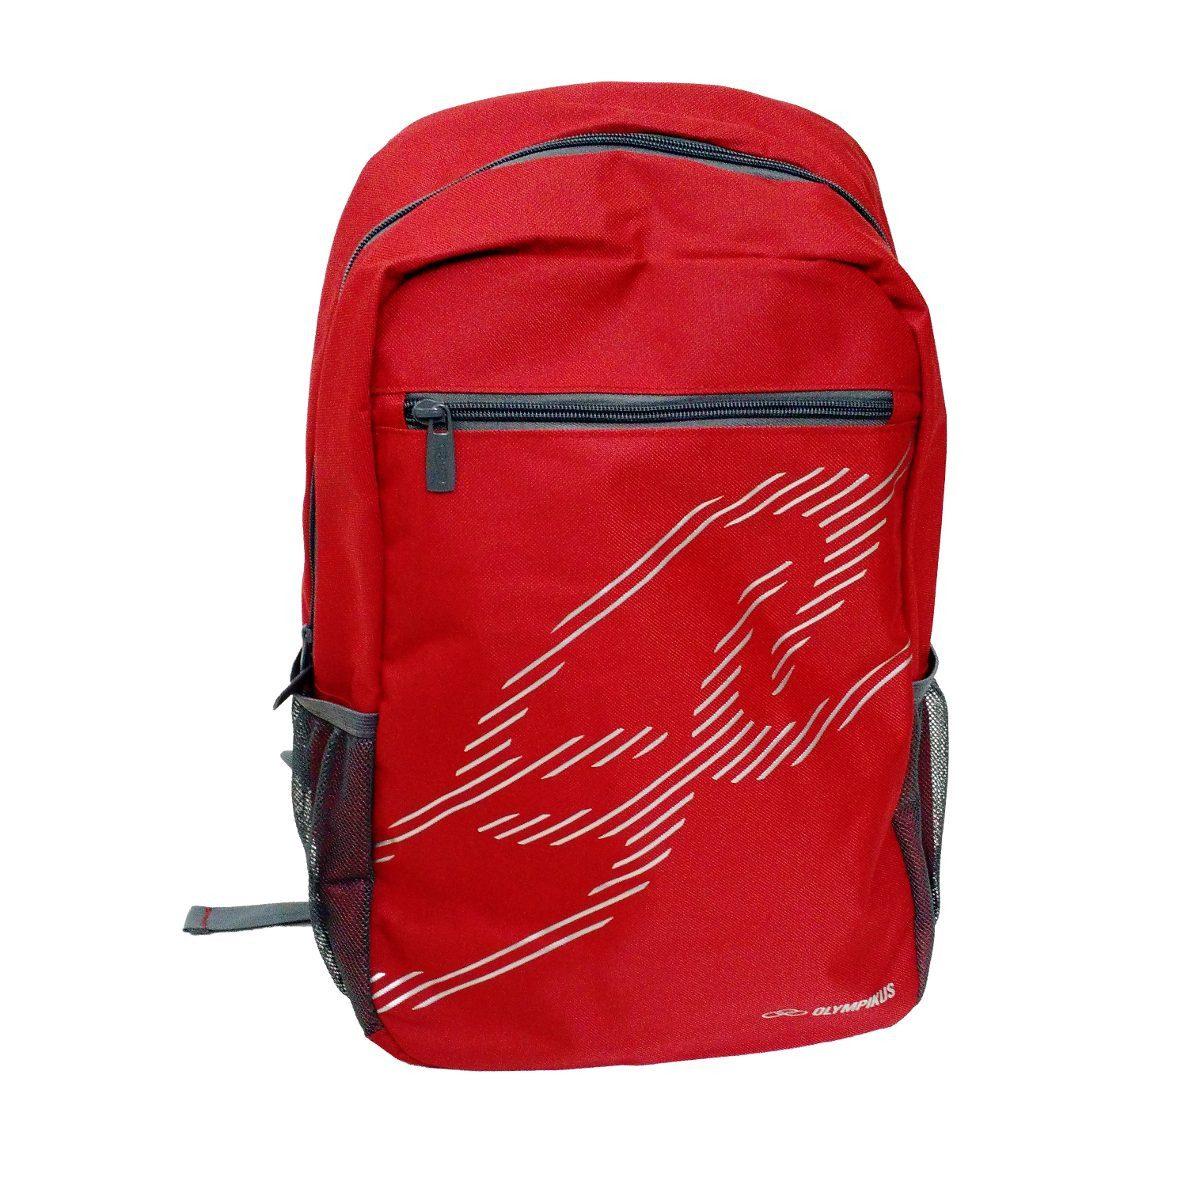 71e4a0096 Mochila Escolar Olympikus Red 71800 Original - R$ 49,90 em Mercado Livre